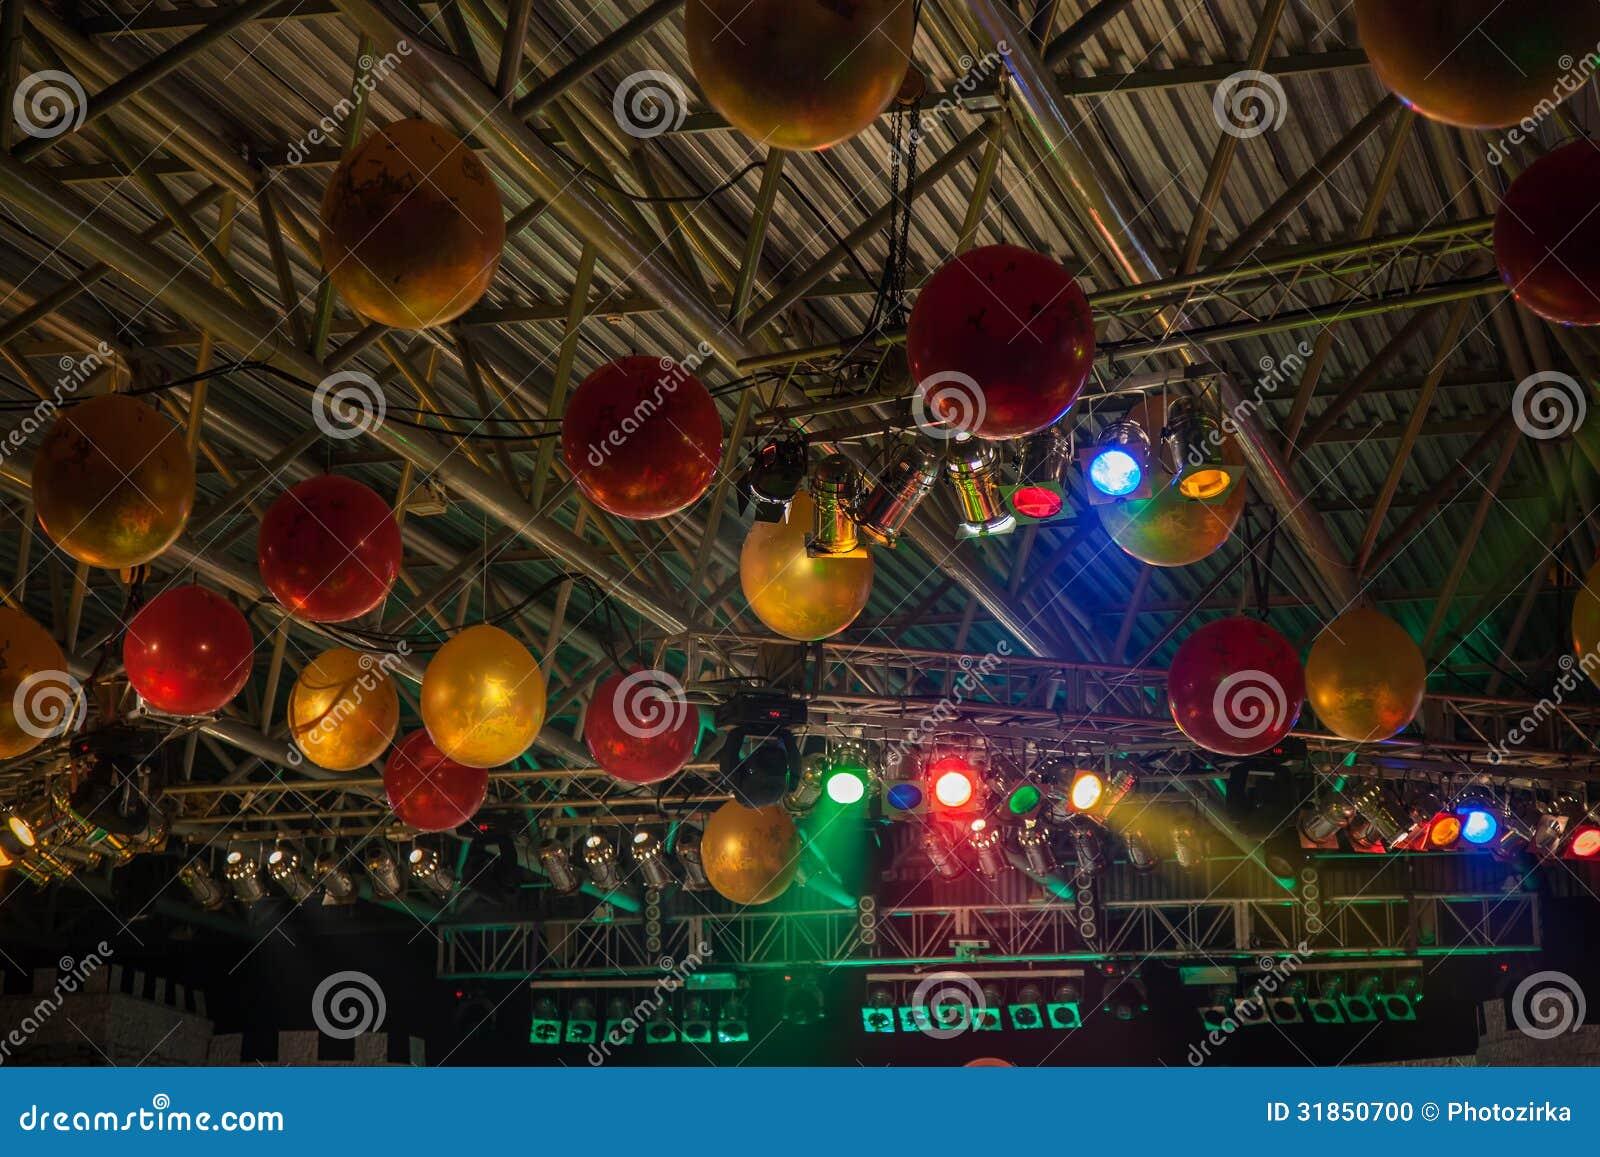 Tak Som Dekoreras Med Ballonger Arkivfoto - Bild: 31850700